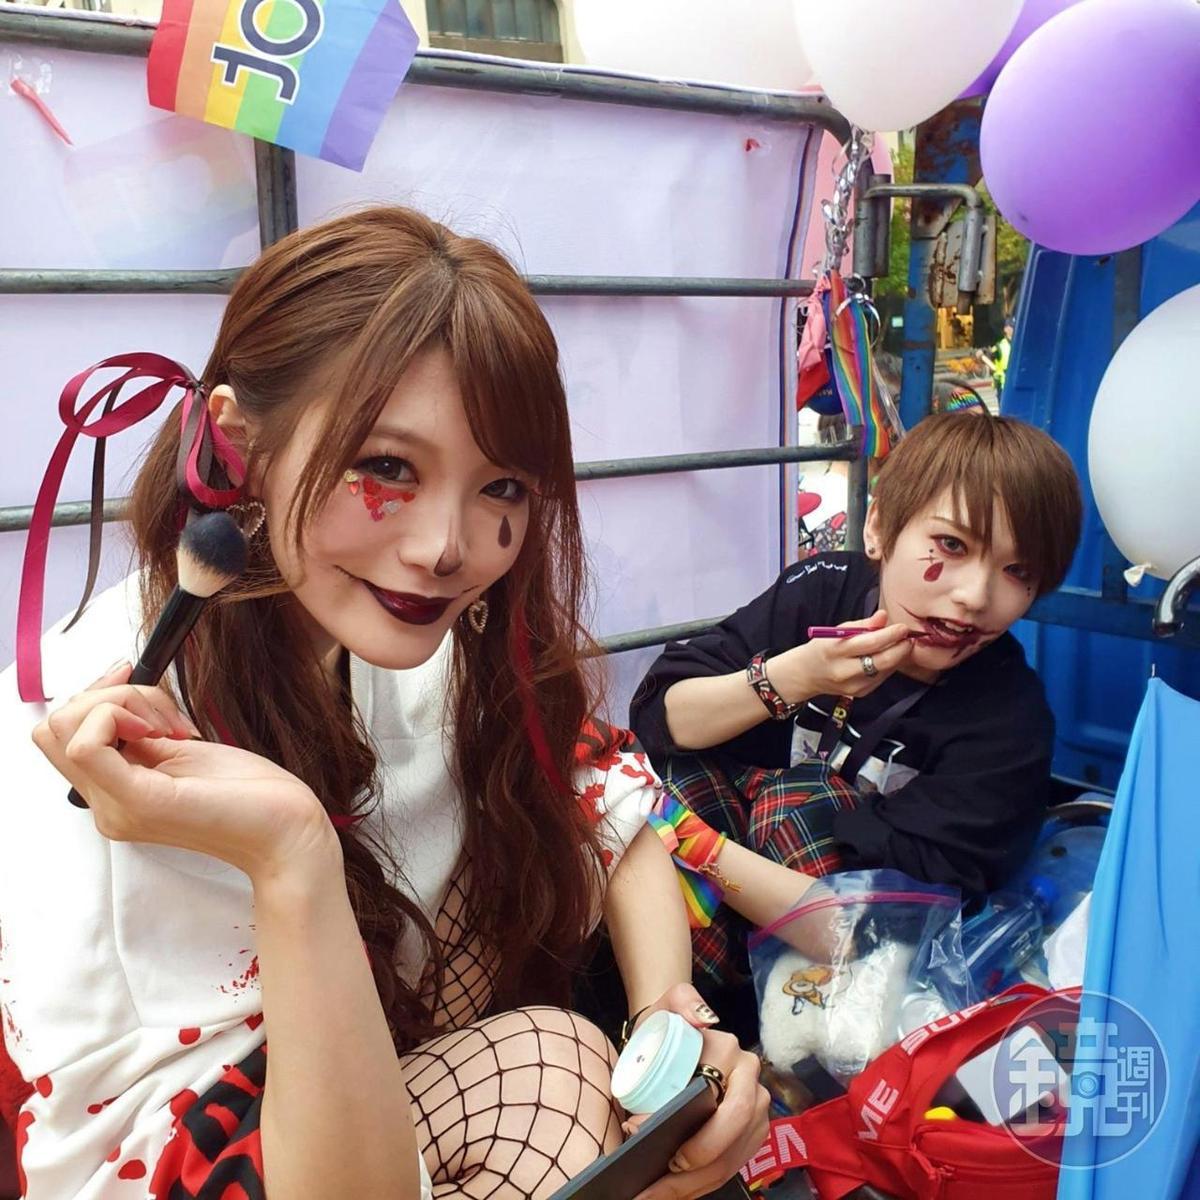 相澤南與椎名空對著鏡子直接「變臉」,還會幫對方補圖案。